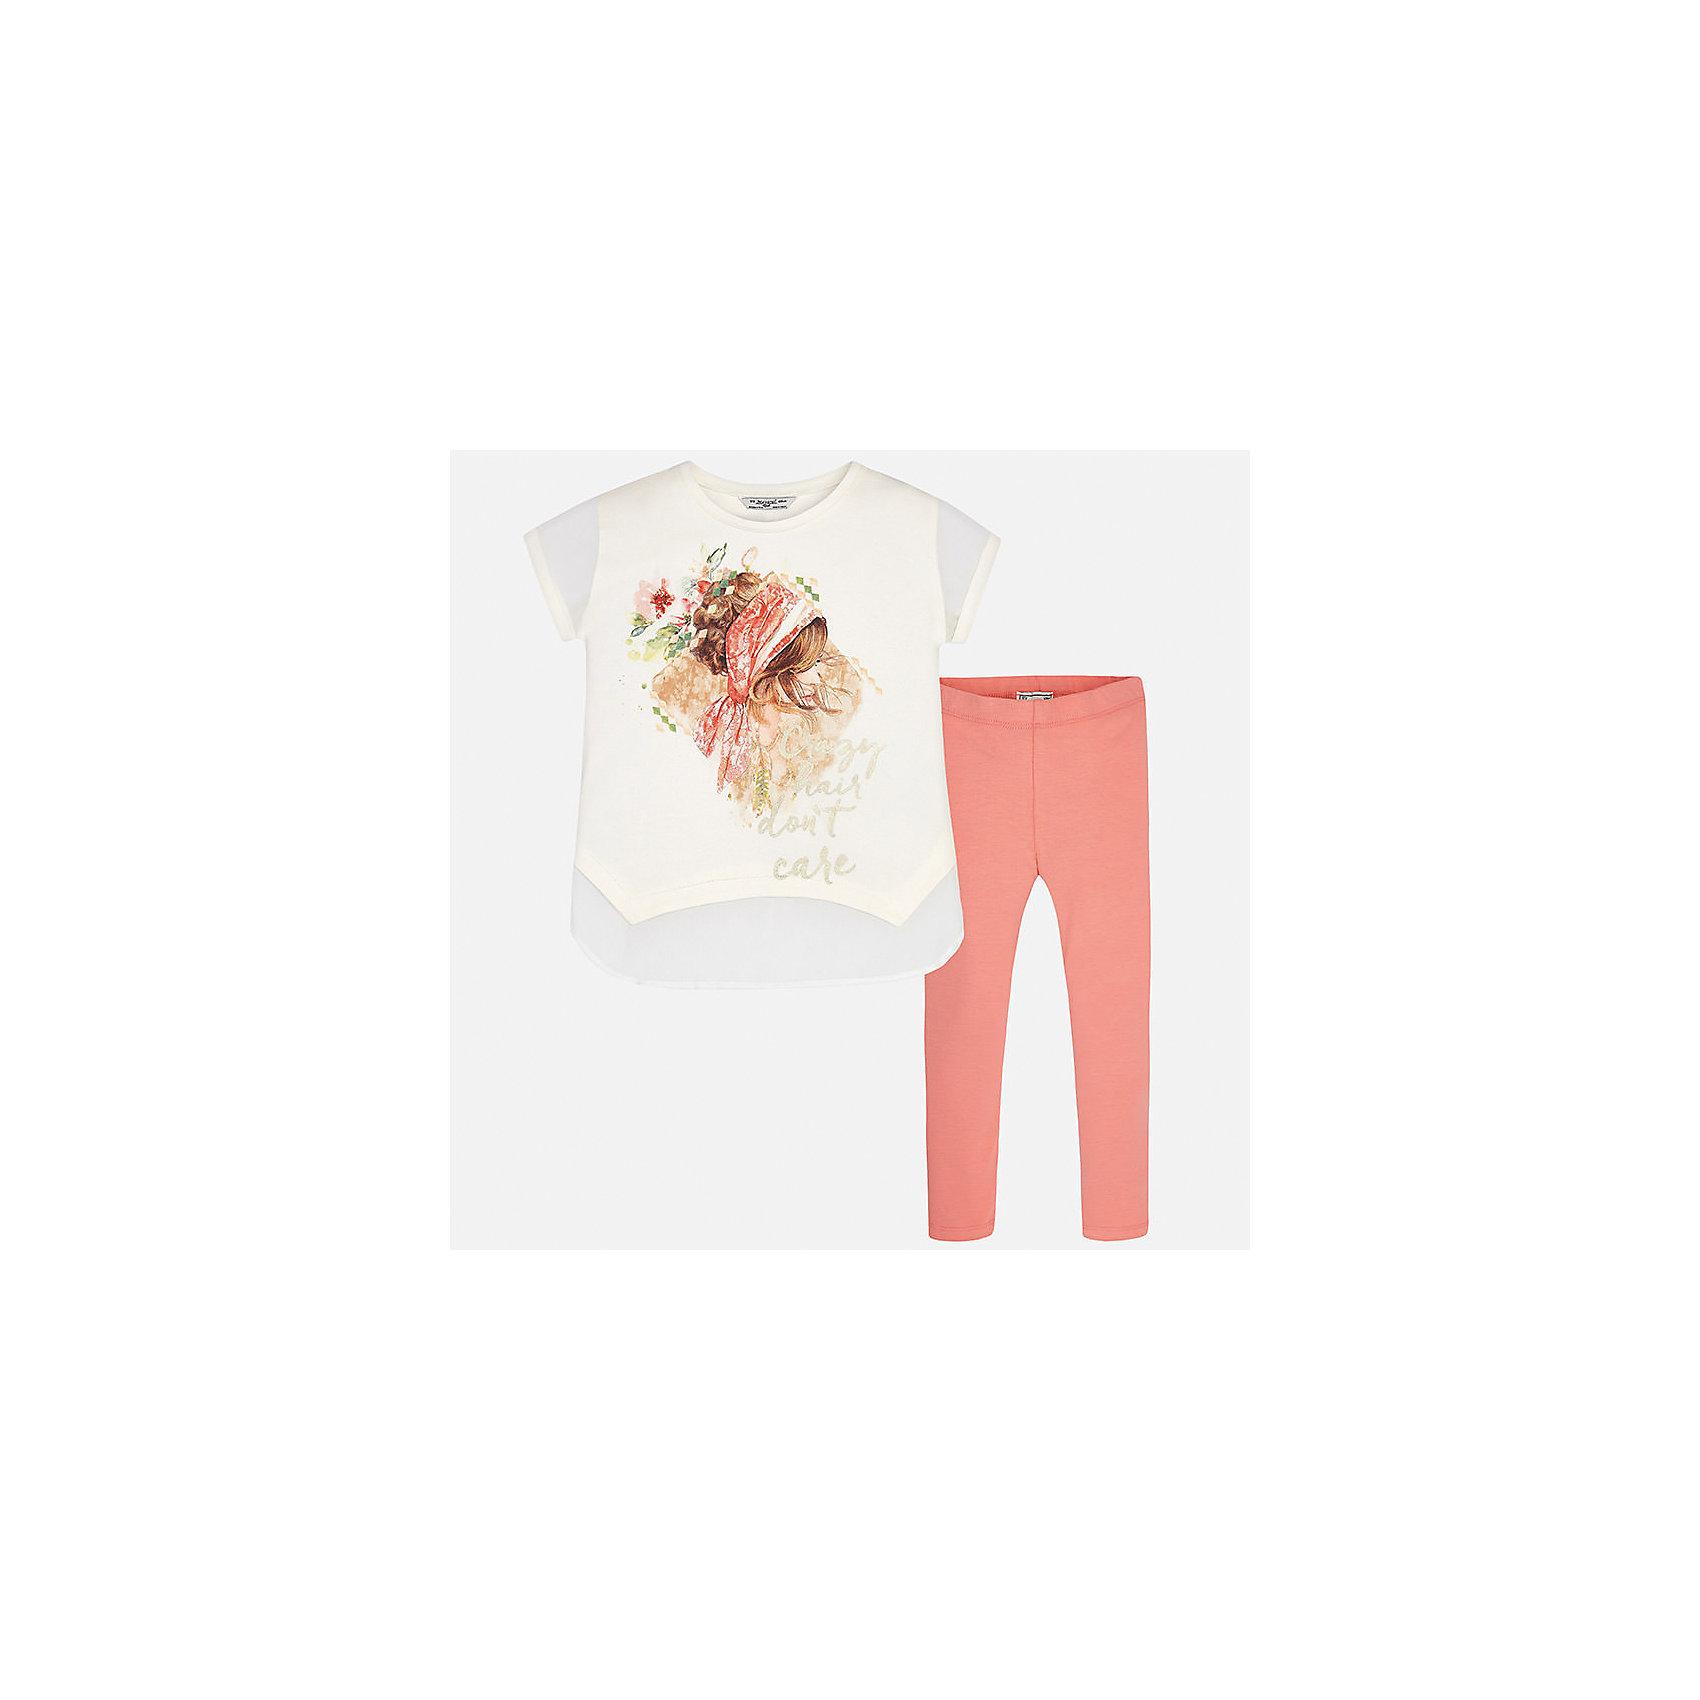 Комплект: футболка и леггинсы для девочки MayoralКомплекты<br>Характеристики товара:<br><br>• цвет: белый/персиковый<br>• состав: 95% хлопок, 5% эластан<br>• комплектация: футболка, леггинсы<br>• футболка декорирована принтом <br>• леггинсы однотонные<br>• пояс на резинке<br>• страна бренда: Испания<br><br>Красивый качественный комплект для девочки поможет разнообразить гардероб ребенка и удобно одеться в теплую погоду. Он отлично сочетается с другими предметами. Универсальный цвет позволяет подобрать к вещам верхнюю одежду практически любой расцветки. Интересная отделка модели делает её нарядной и оригинальной. В составе материала - натуральный хлопок, гипоаллергенный, приятный на ощупь, дышащий.<br><br>Одежда, обувь и аксессуары от испанского бренда Mayoral полюбились детям и взрослым по всему миру. Модели этой марки - стильные и удобные. Для их производства используются только безопасные, качественные материалы и фурнитура. Порадуйте ребенка модными и красивыми вещами от Mayoral! <br><br>Комплект для девочки от испанского бренда Mayoral (Майорал) можно купить в нашем интернет-магазине.<br><br>Ширина мм: 123<br>Глубина мм: 10<br>Высота мм: 149<br>Вес г: 209<br>Цвет: оранжевый<br>Возраст от месяцев: 84<br>Возраст до месяцев: 96<br>Пол: Женский<br>Возраст: Детский<br>Размер: 128/134,164,140,152,158<br>SKU: 5300902